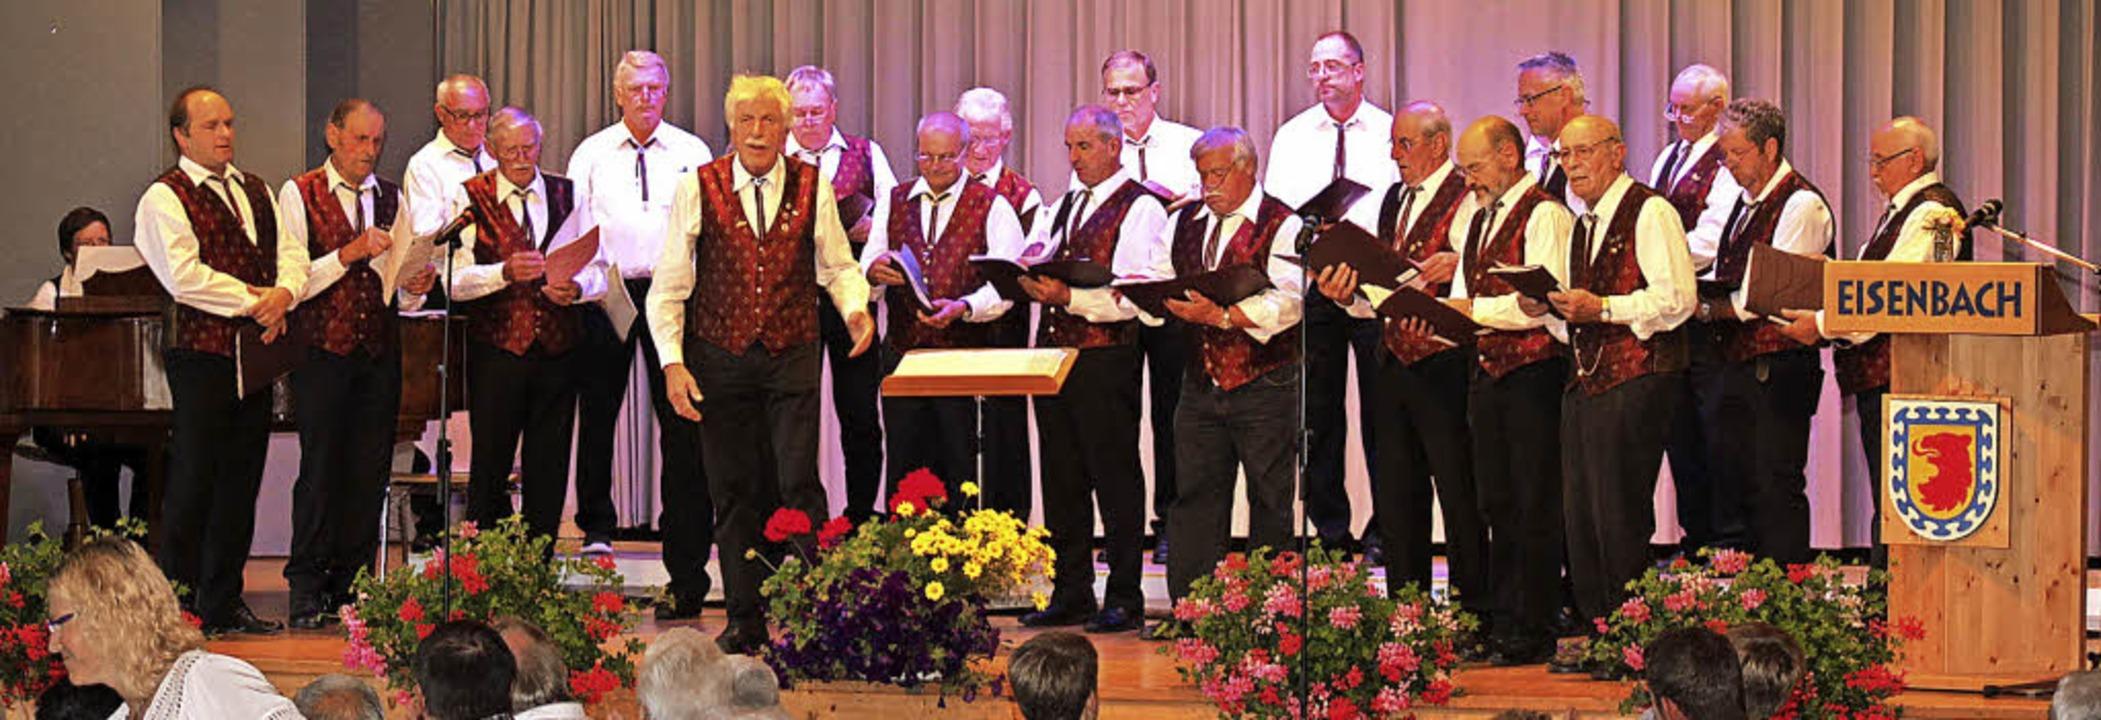 Der Männergesangverein Schollach machte seinem Namen Harmonie alle Ehre.   | Foto: Gert brichta